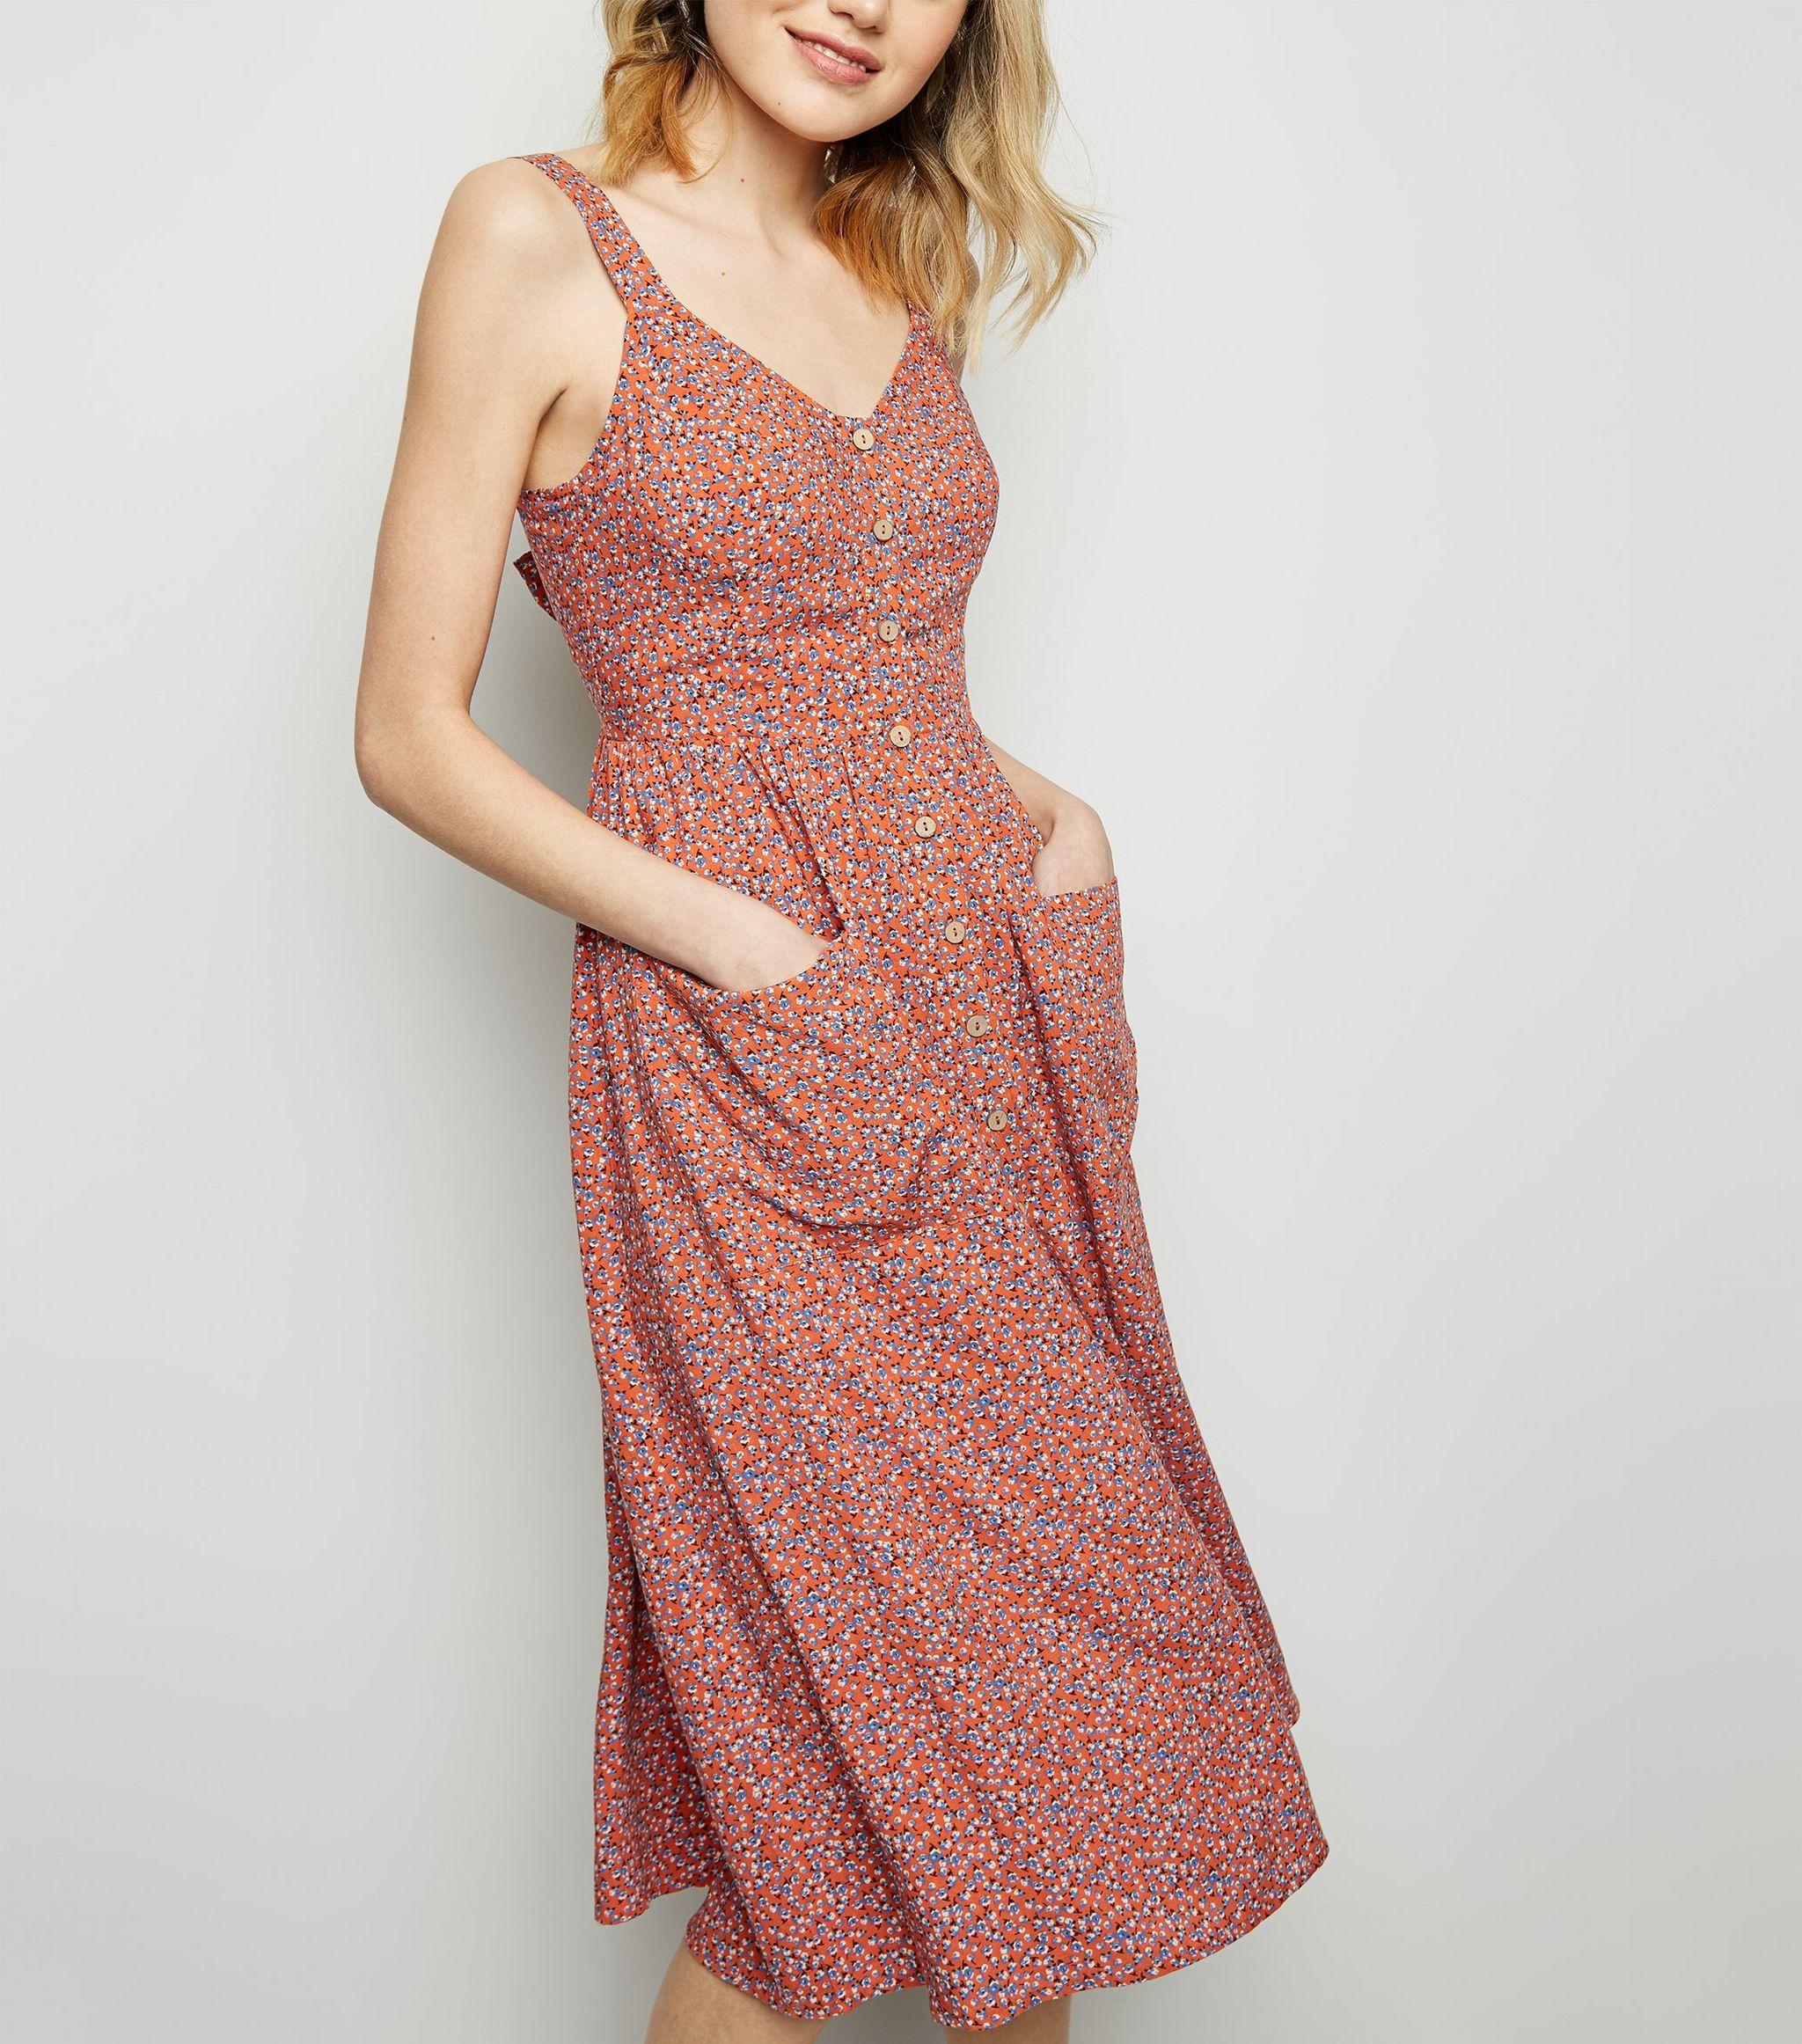 6b387c51ee37 New Look Floral Print Midi Dress | Saddha